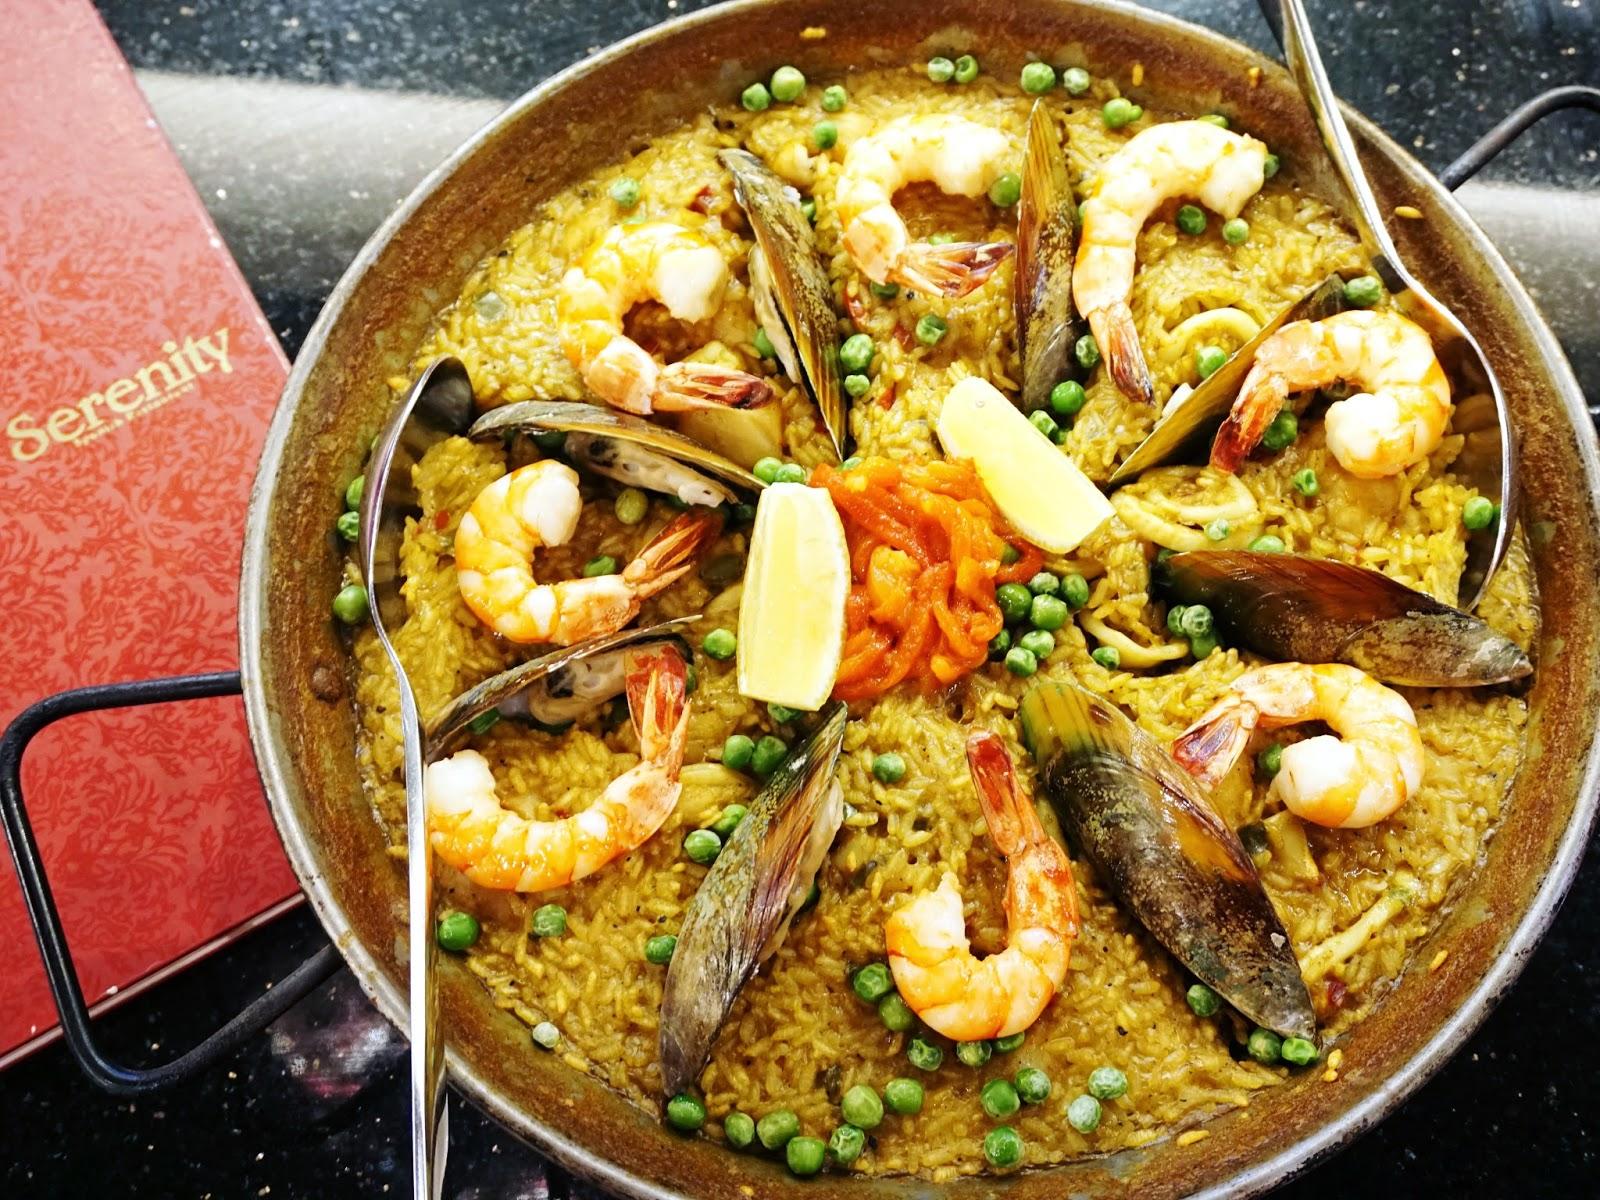 PinkyPiggu Serenity Spanish Bar Restaurant Ngee Ann City - Singer cuisine